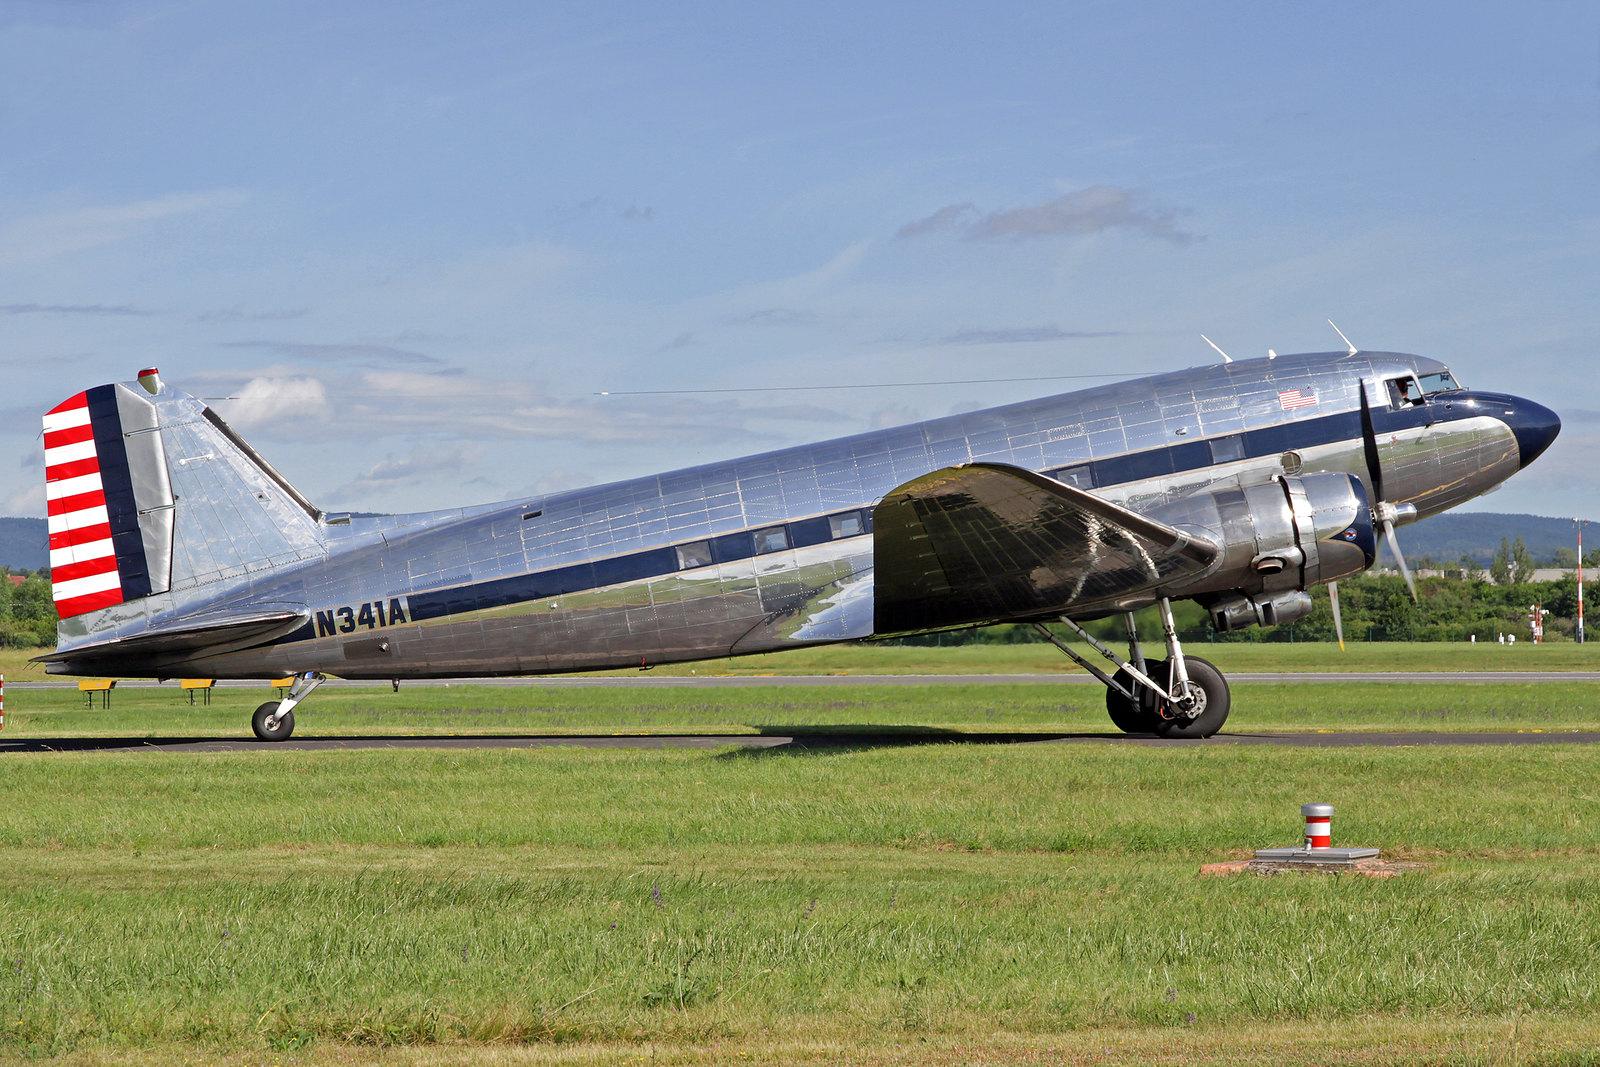 N341A - Dies ist das einzige Douglas DC-3 Exemplar, welches die militärische Bezeichnung C-41A erhielt. Das Flugzeug wurde durch die U.S. Army Air Command im Jahre 1938 bestellt und im September 1939 ausgeliefert.